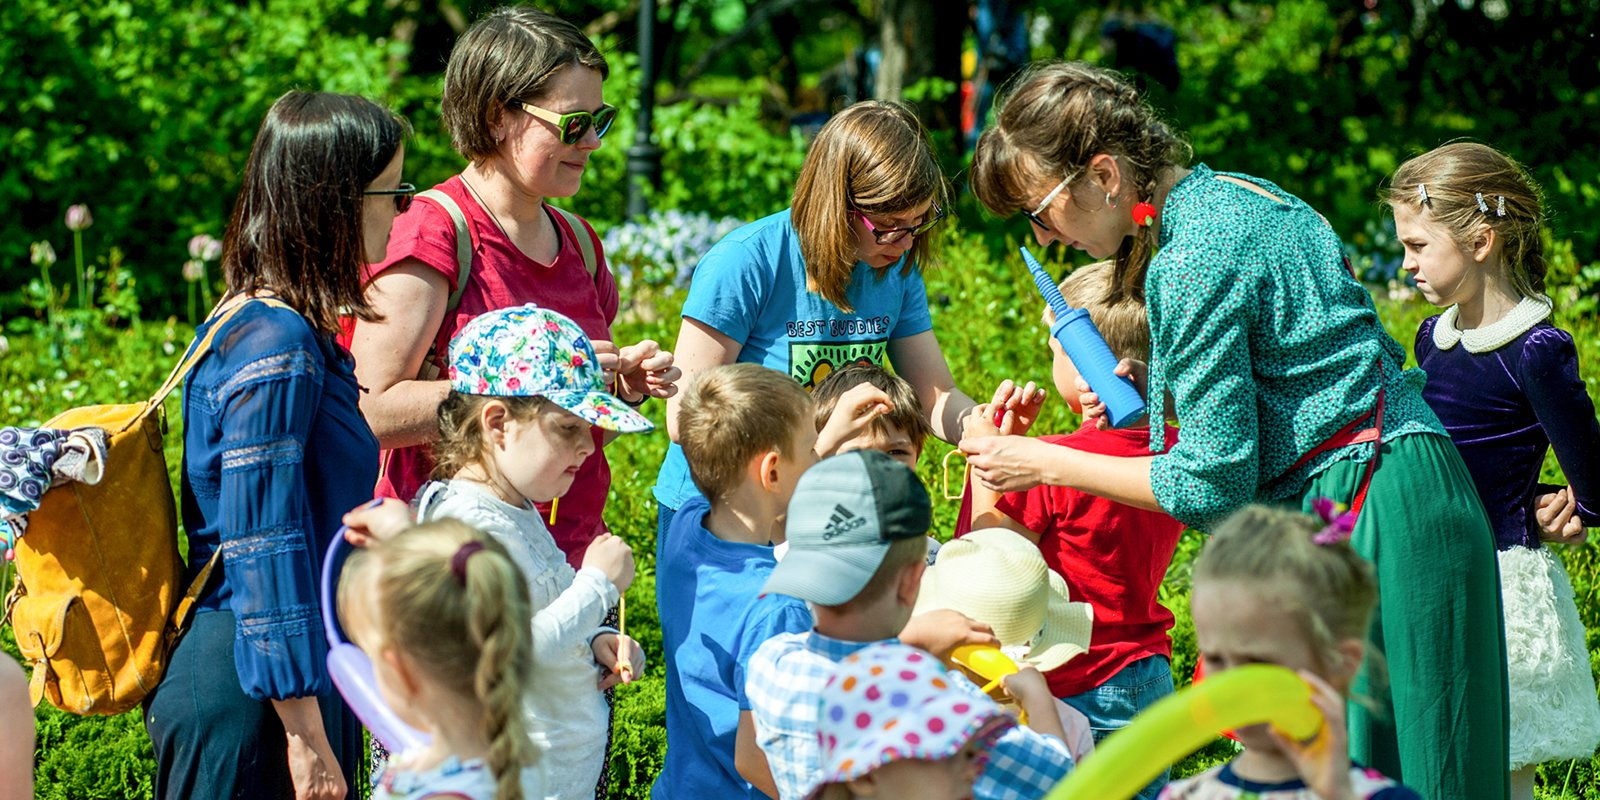 Делаем мороженое и разучиваем па: что подготовили парки ко Дню защиты детей